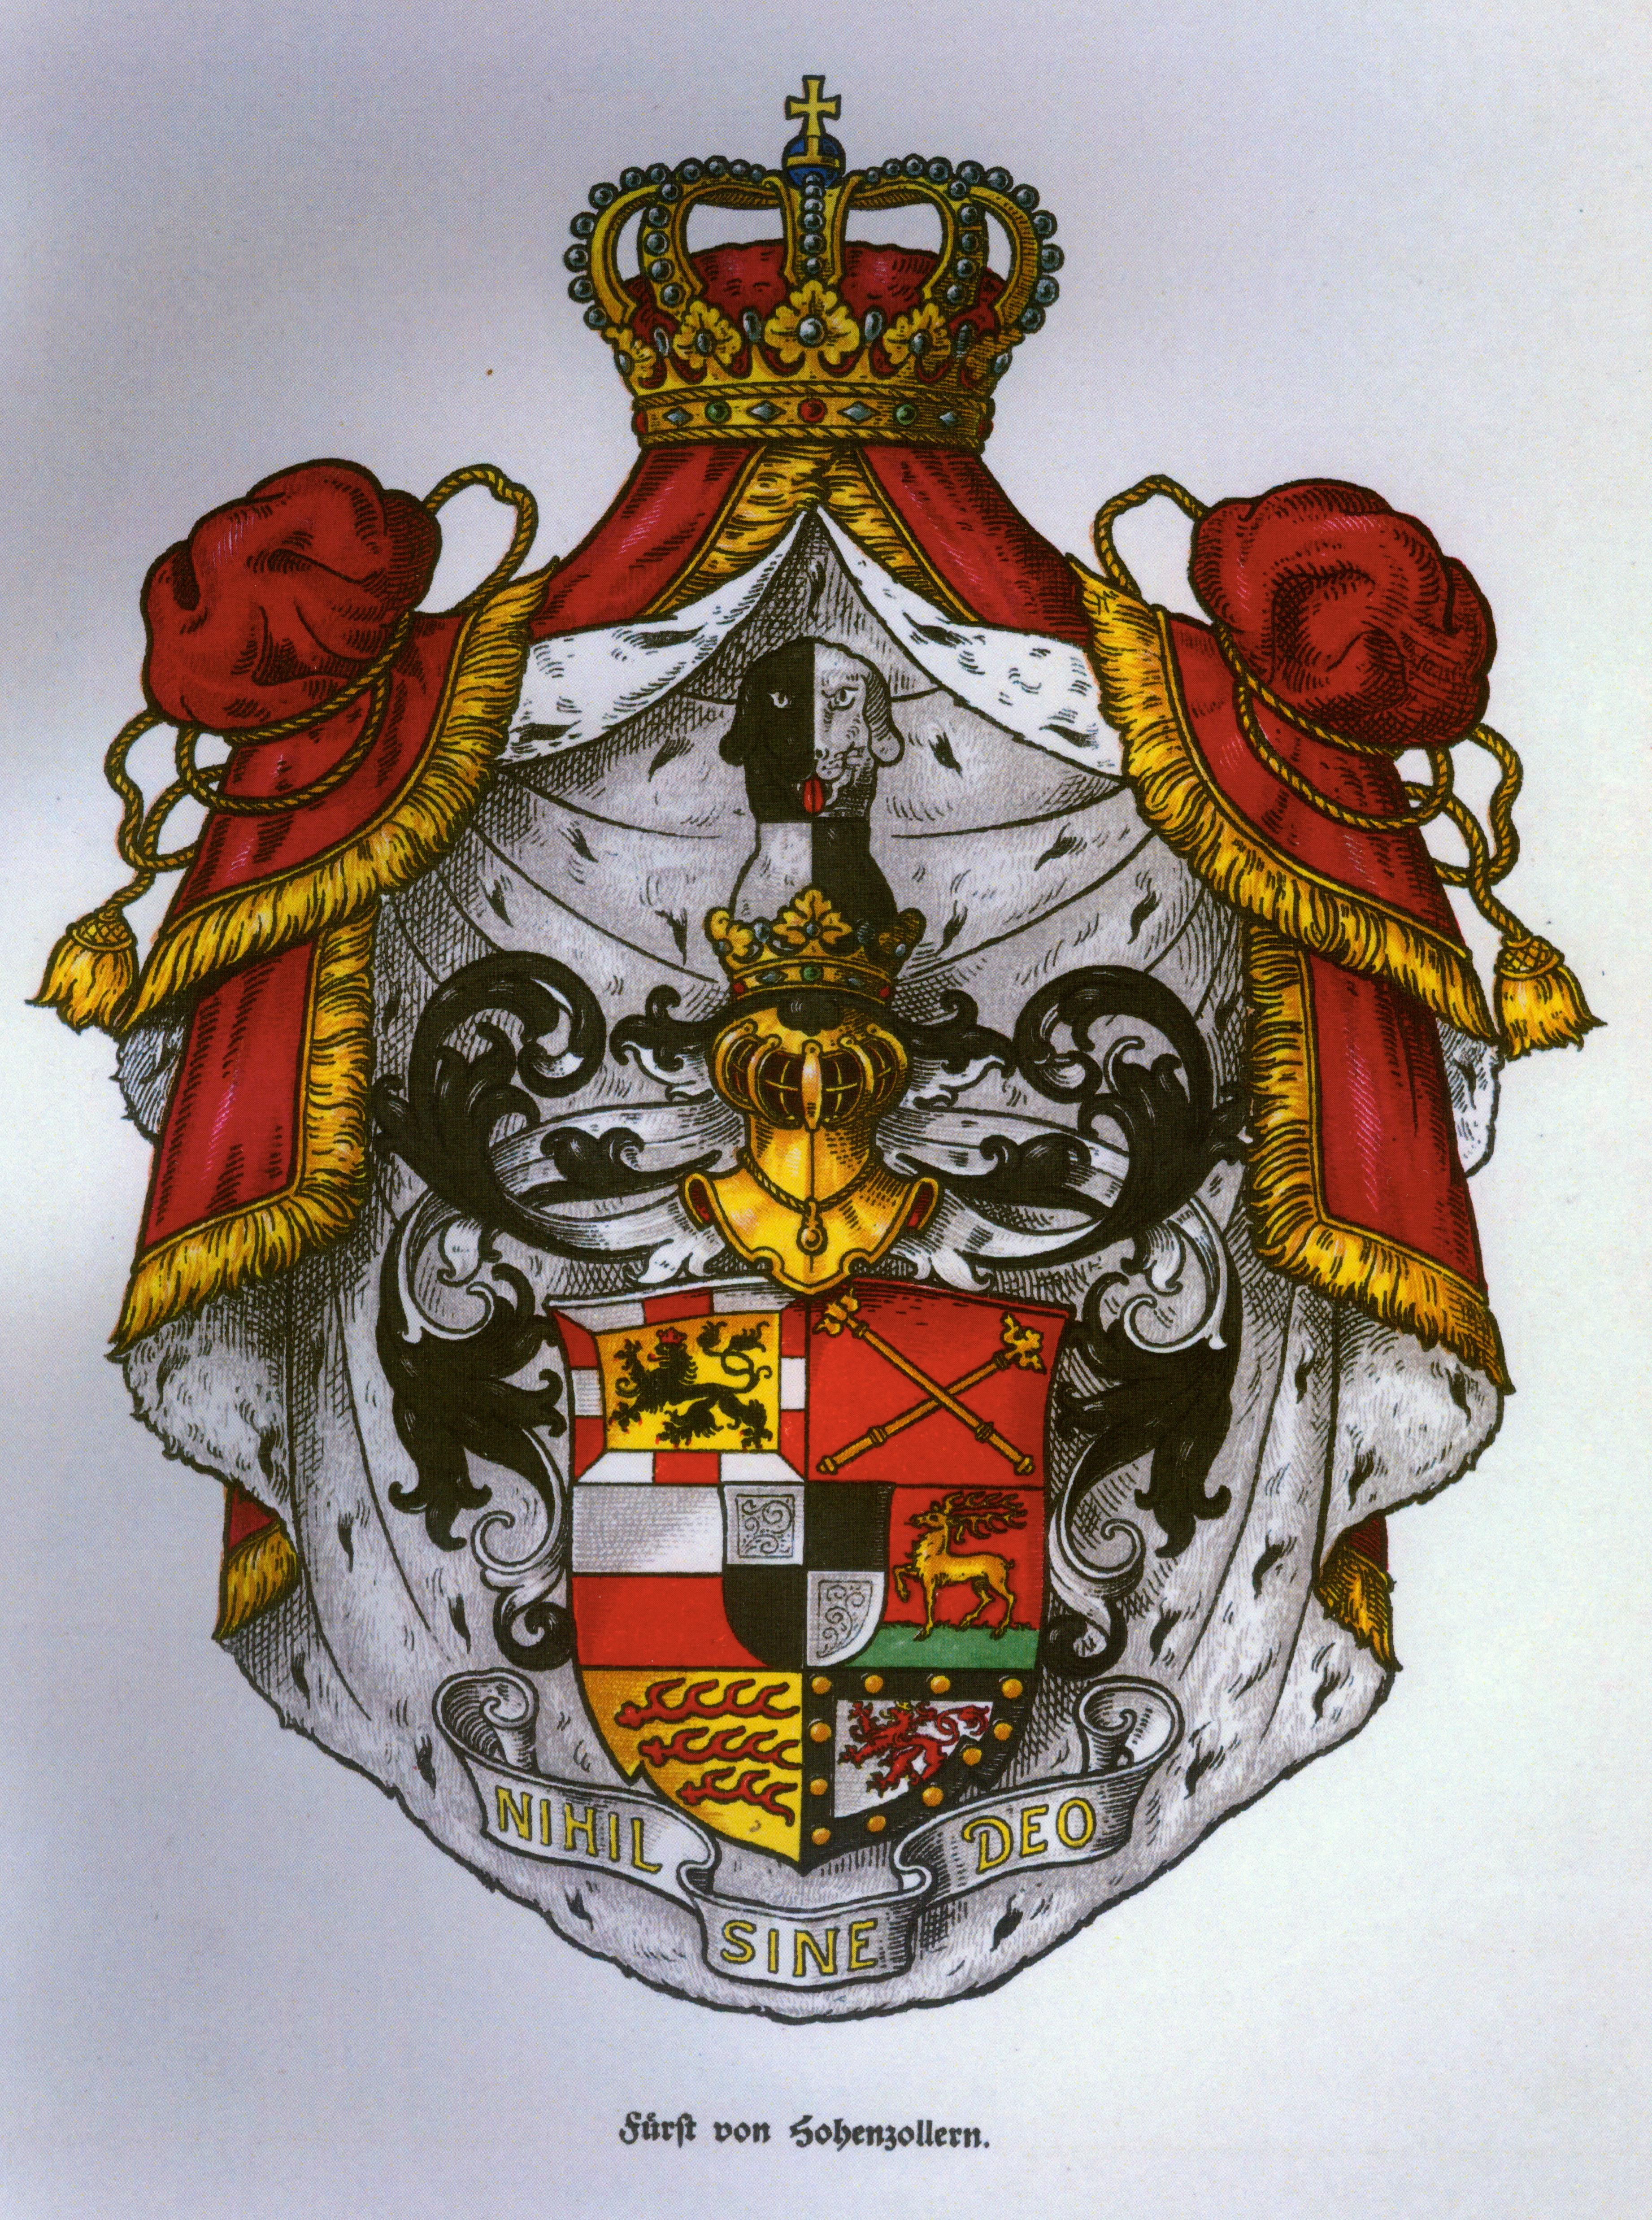 von Hohenzollern